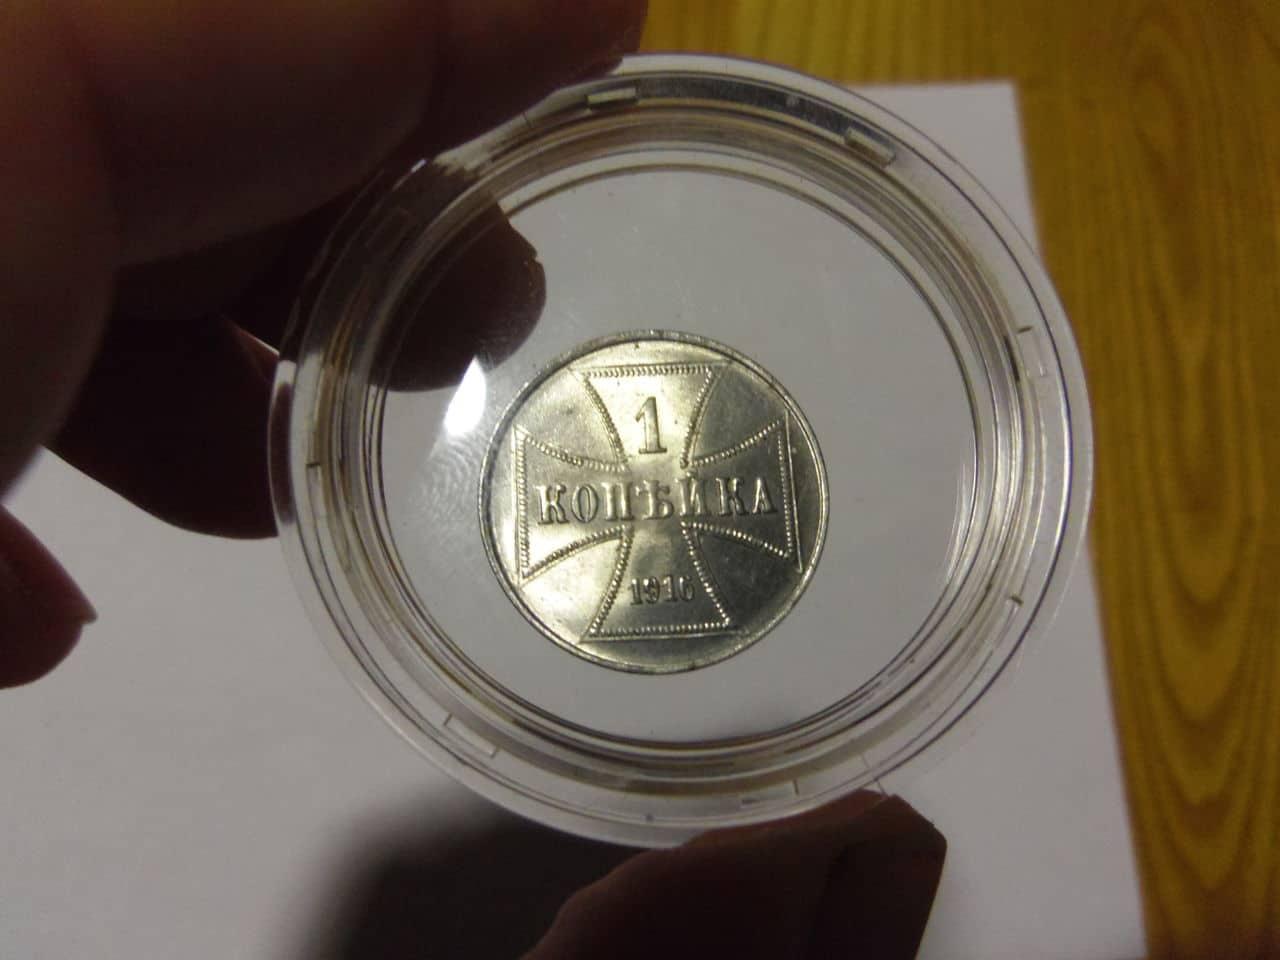 Moneda Alemana (con cruz de hierro) 1 kopek Acuñada en 1916 para Rusia ocupada. KOPEK_ALEMAN_1916